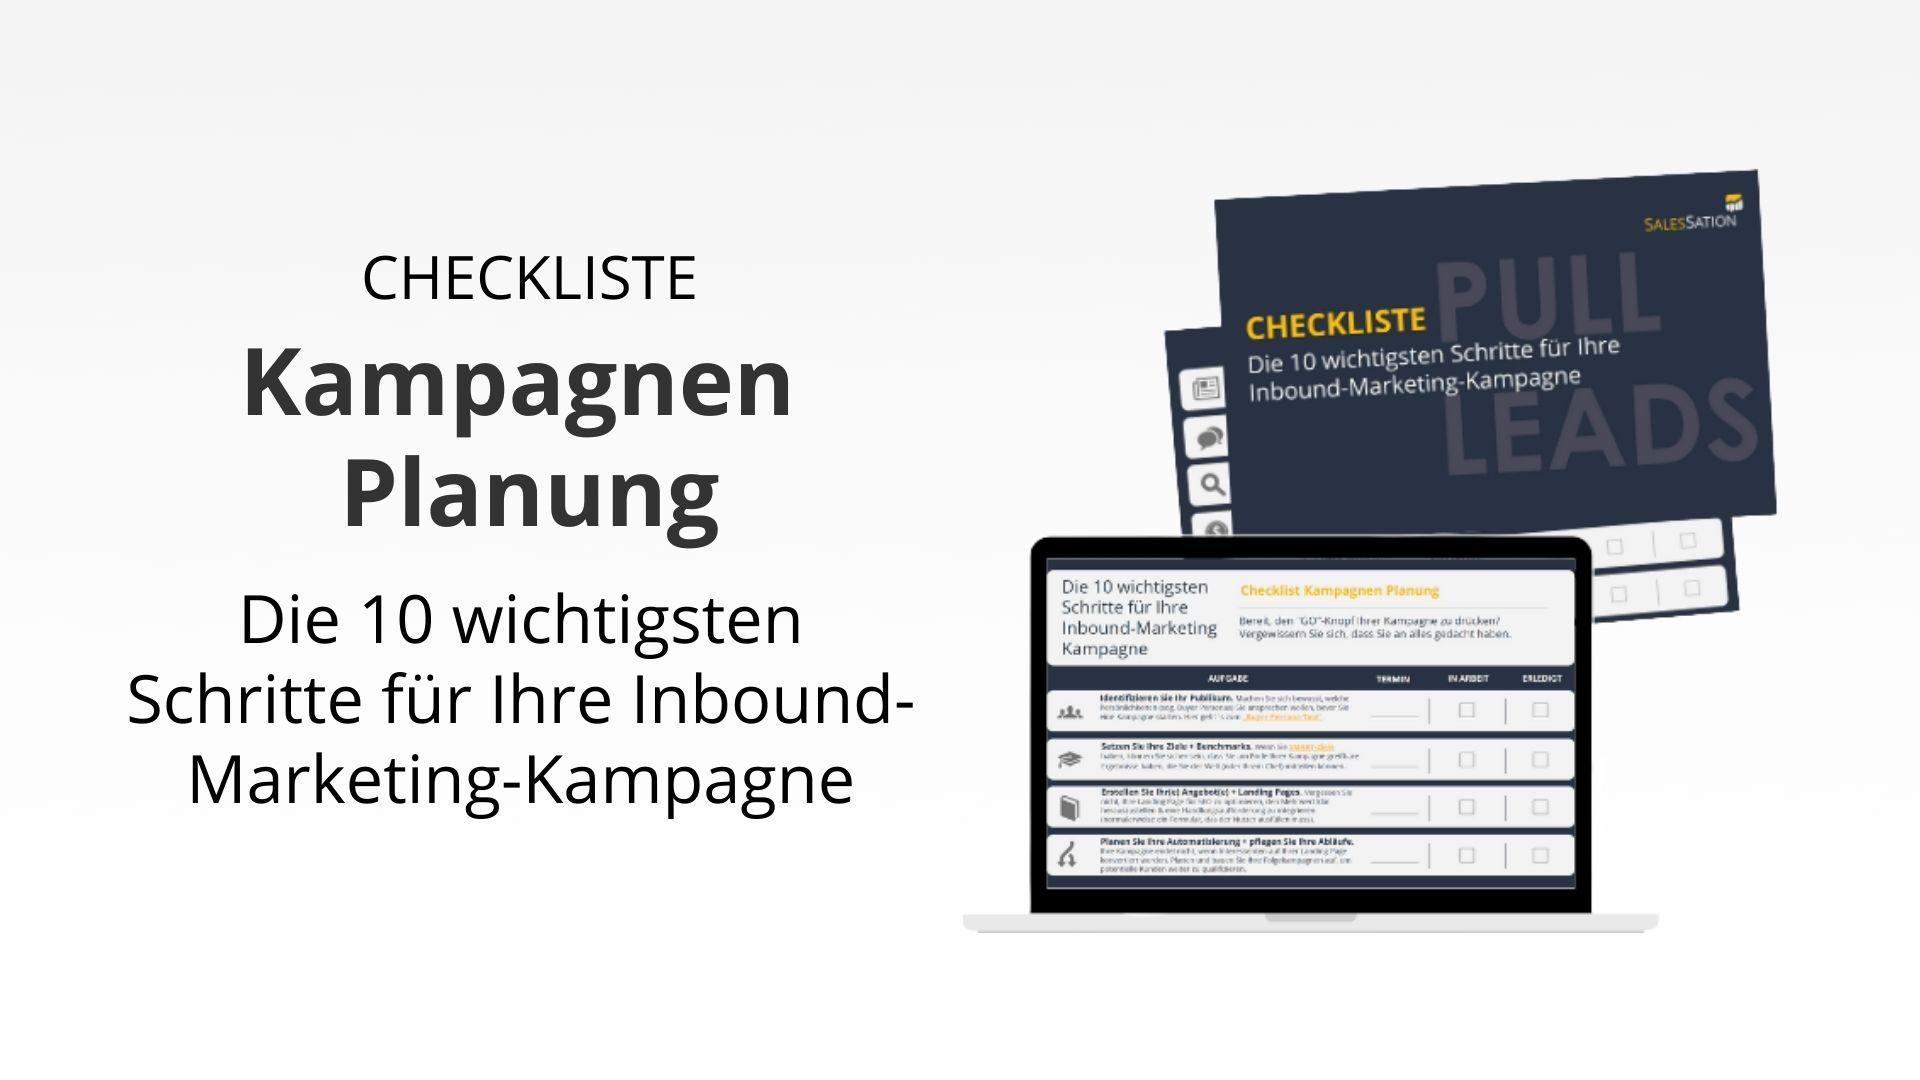 checkliste-salessation-die-zehn-wichtigsten-schritte-ihrer-inbound-marketing-kampagne